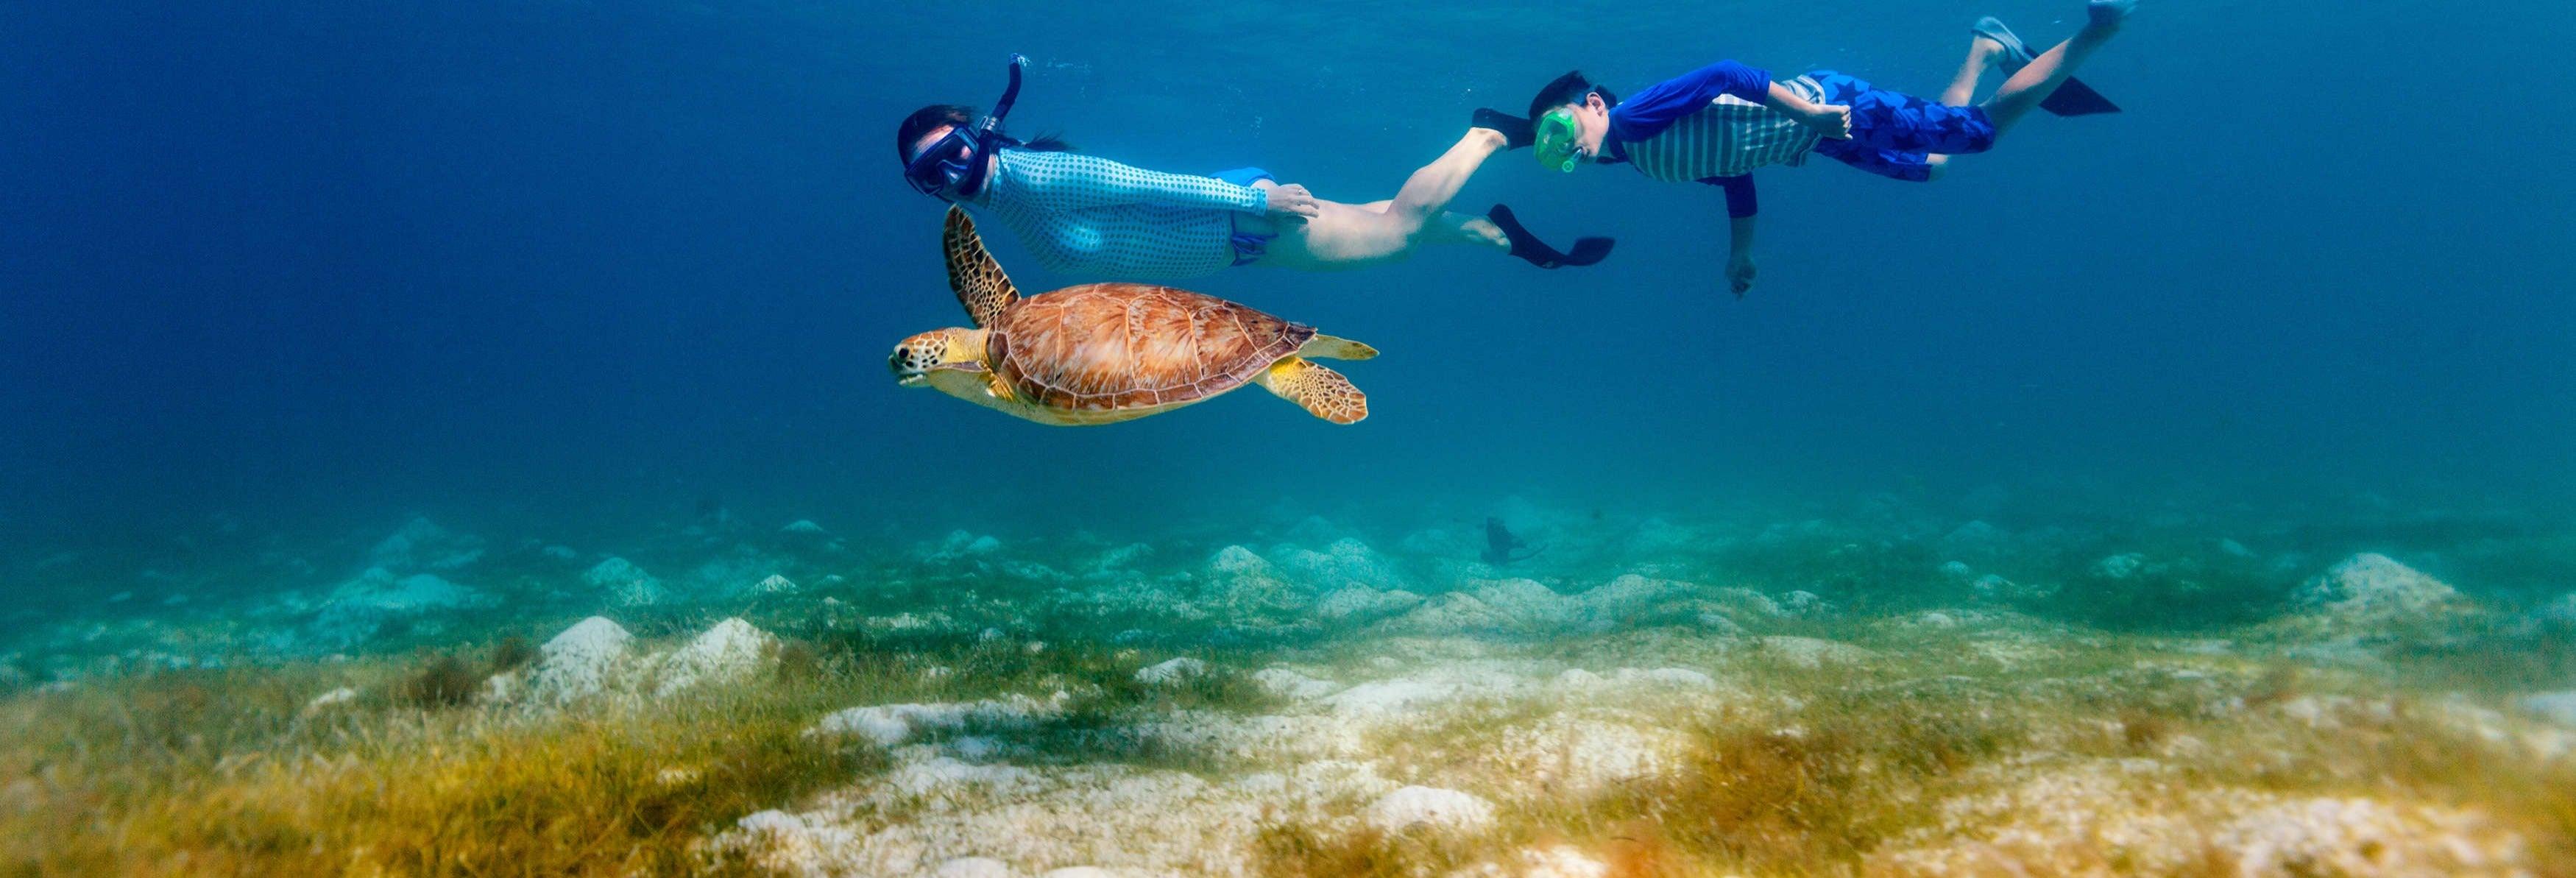 Snorkel con tortugas y mantarrayas